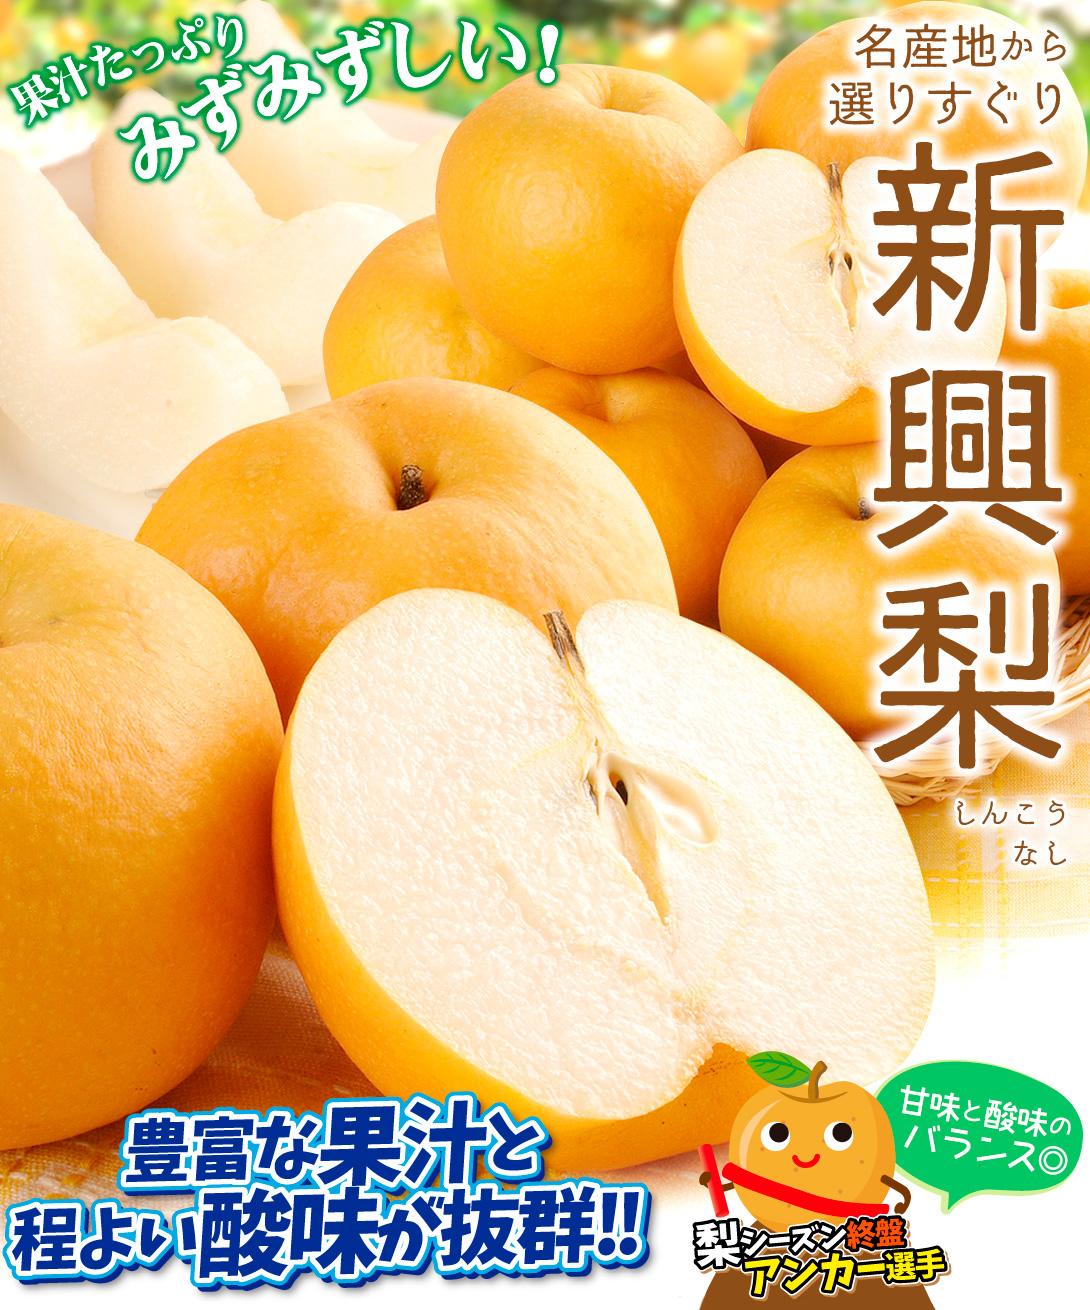 新興梨トップ